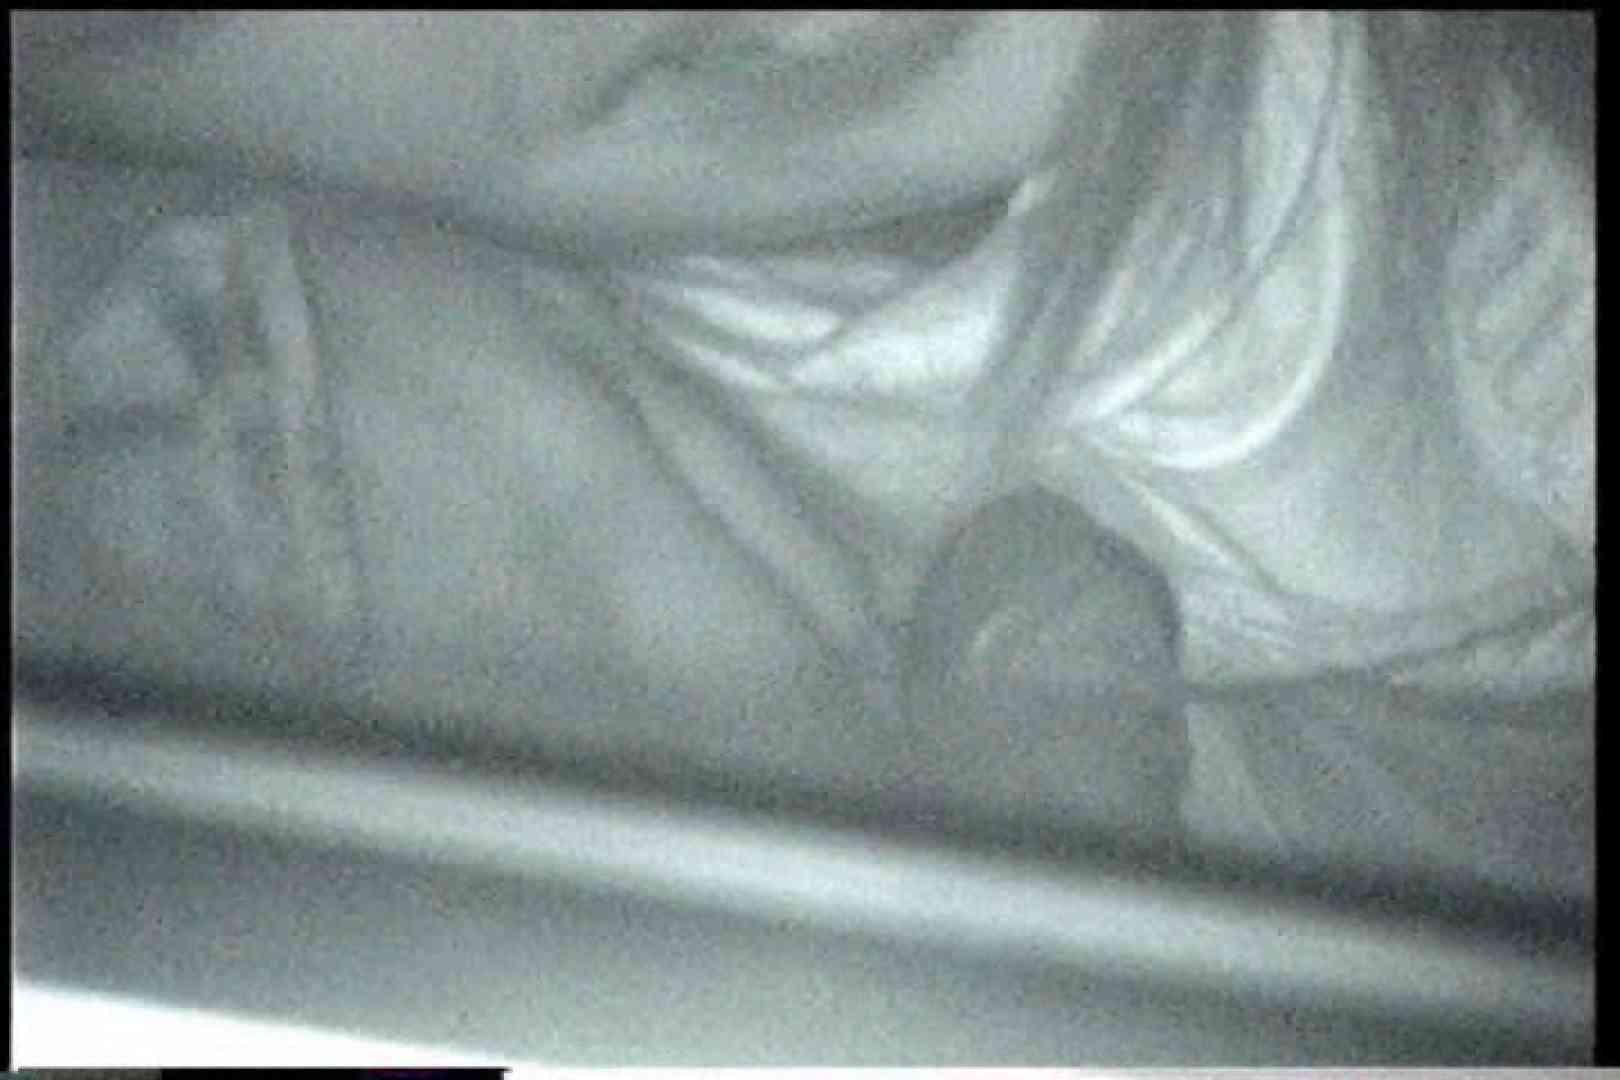 充血監督の深夜の運動会Vol.165 OLエロ画像 | 0  105PICs 99